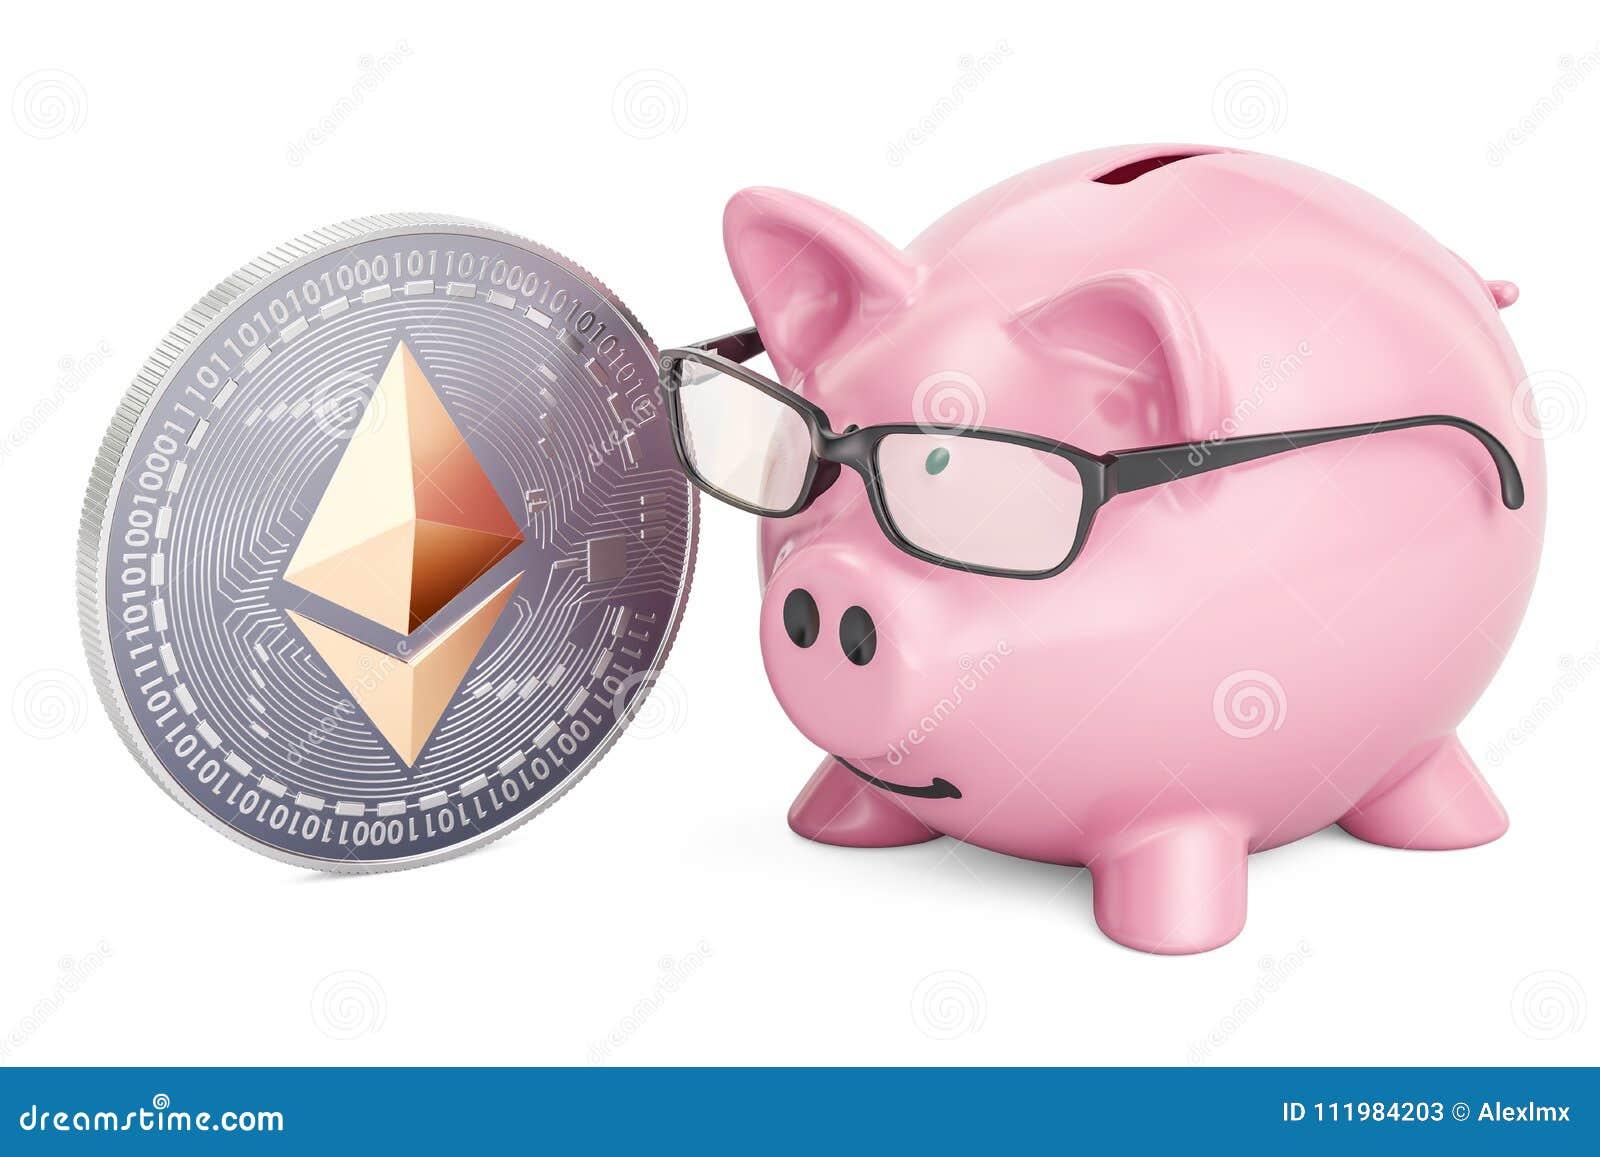 Piggy bank bitcoin. Populiariausios nemokamos programėlės - Microsoft Store